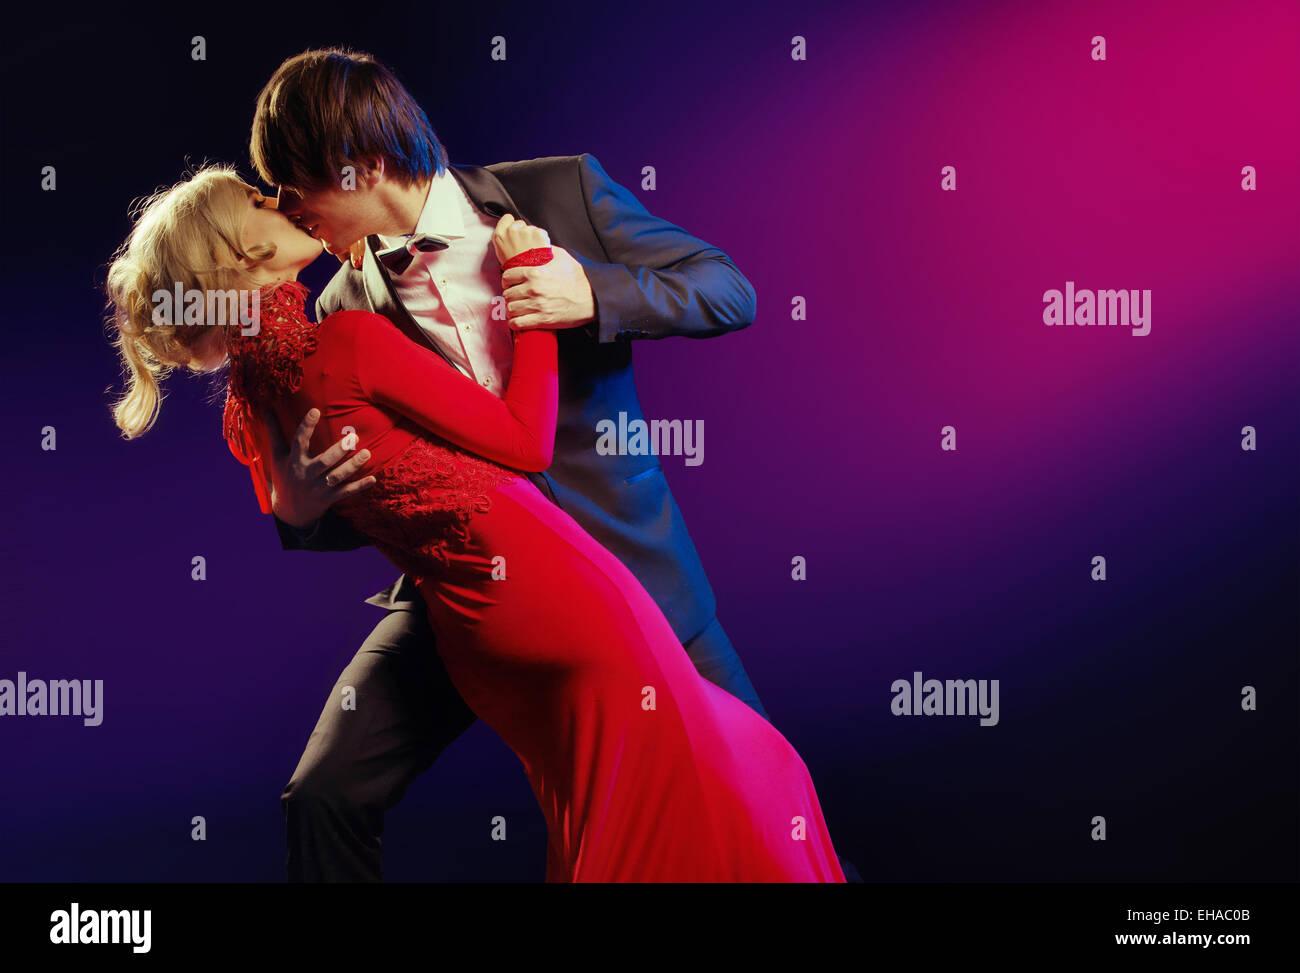 Elegante pareja joven en la danza del amor Imagen De Stock